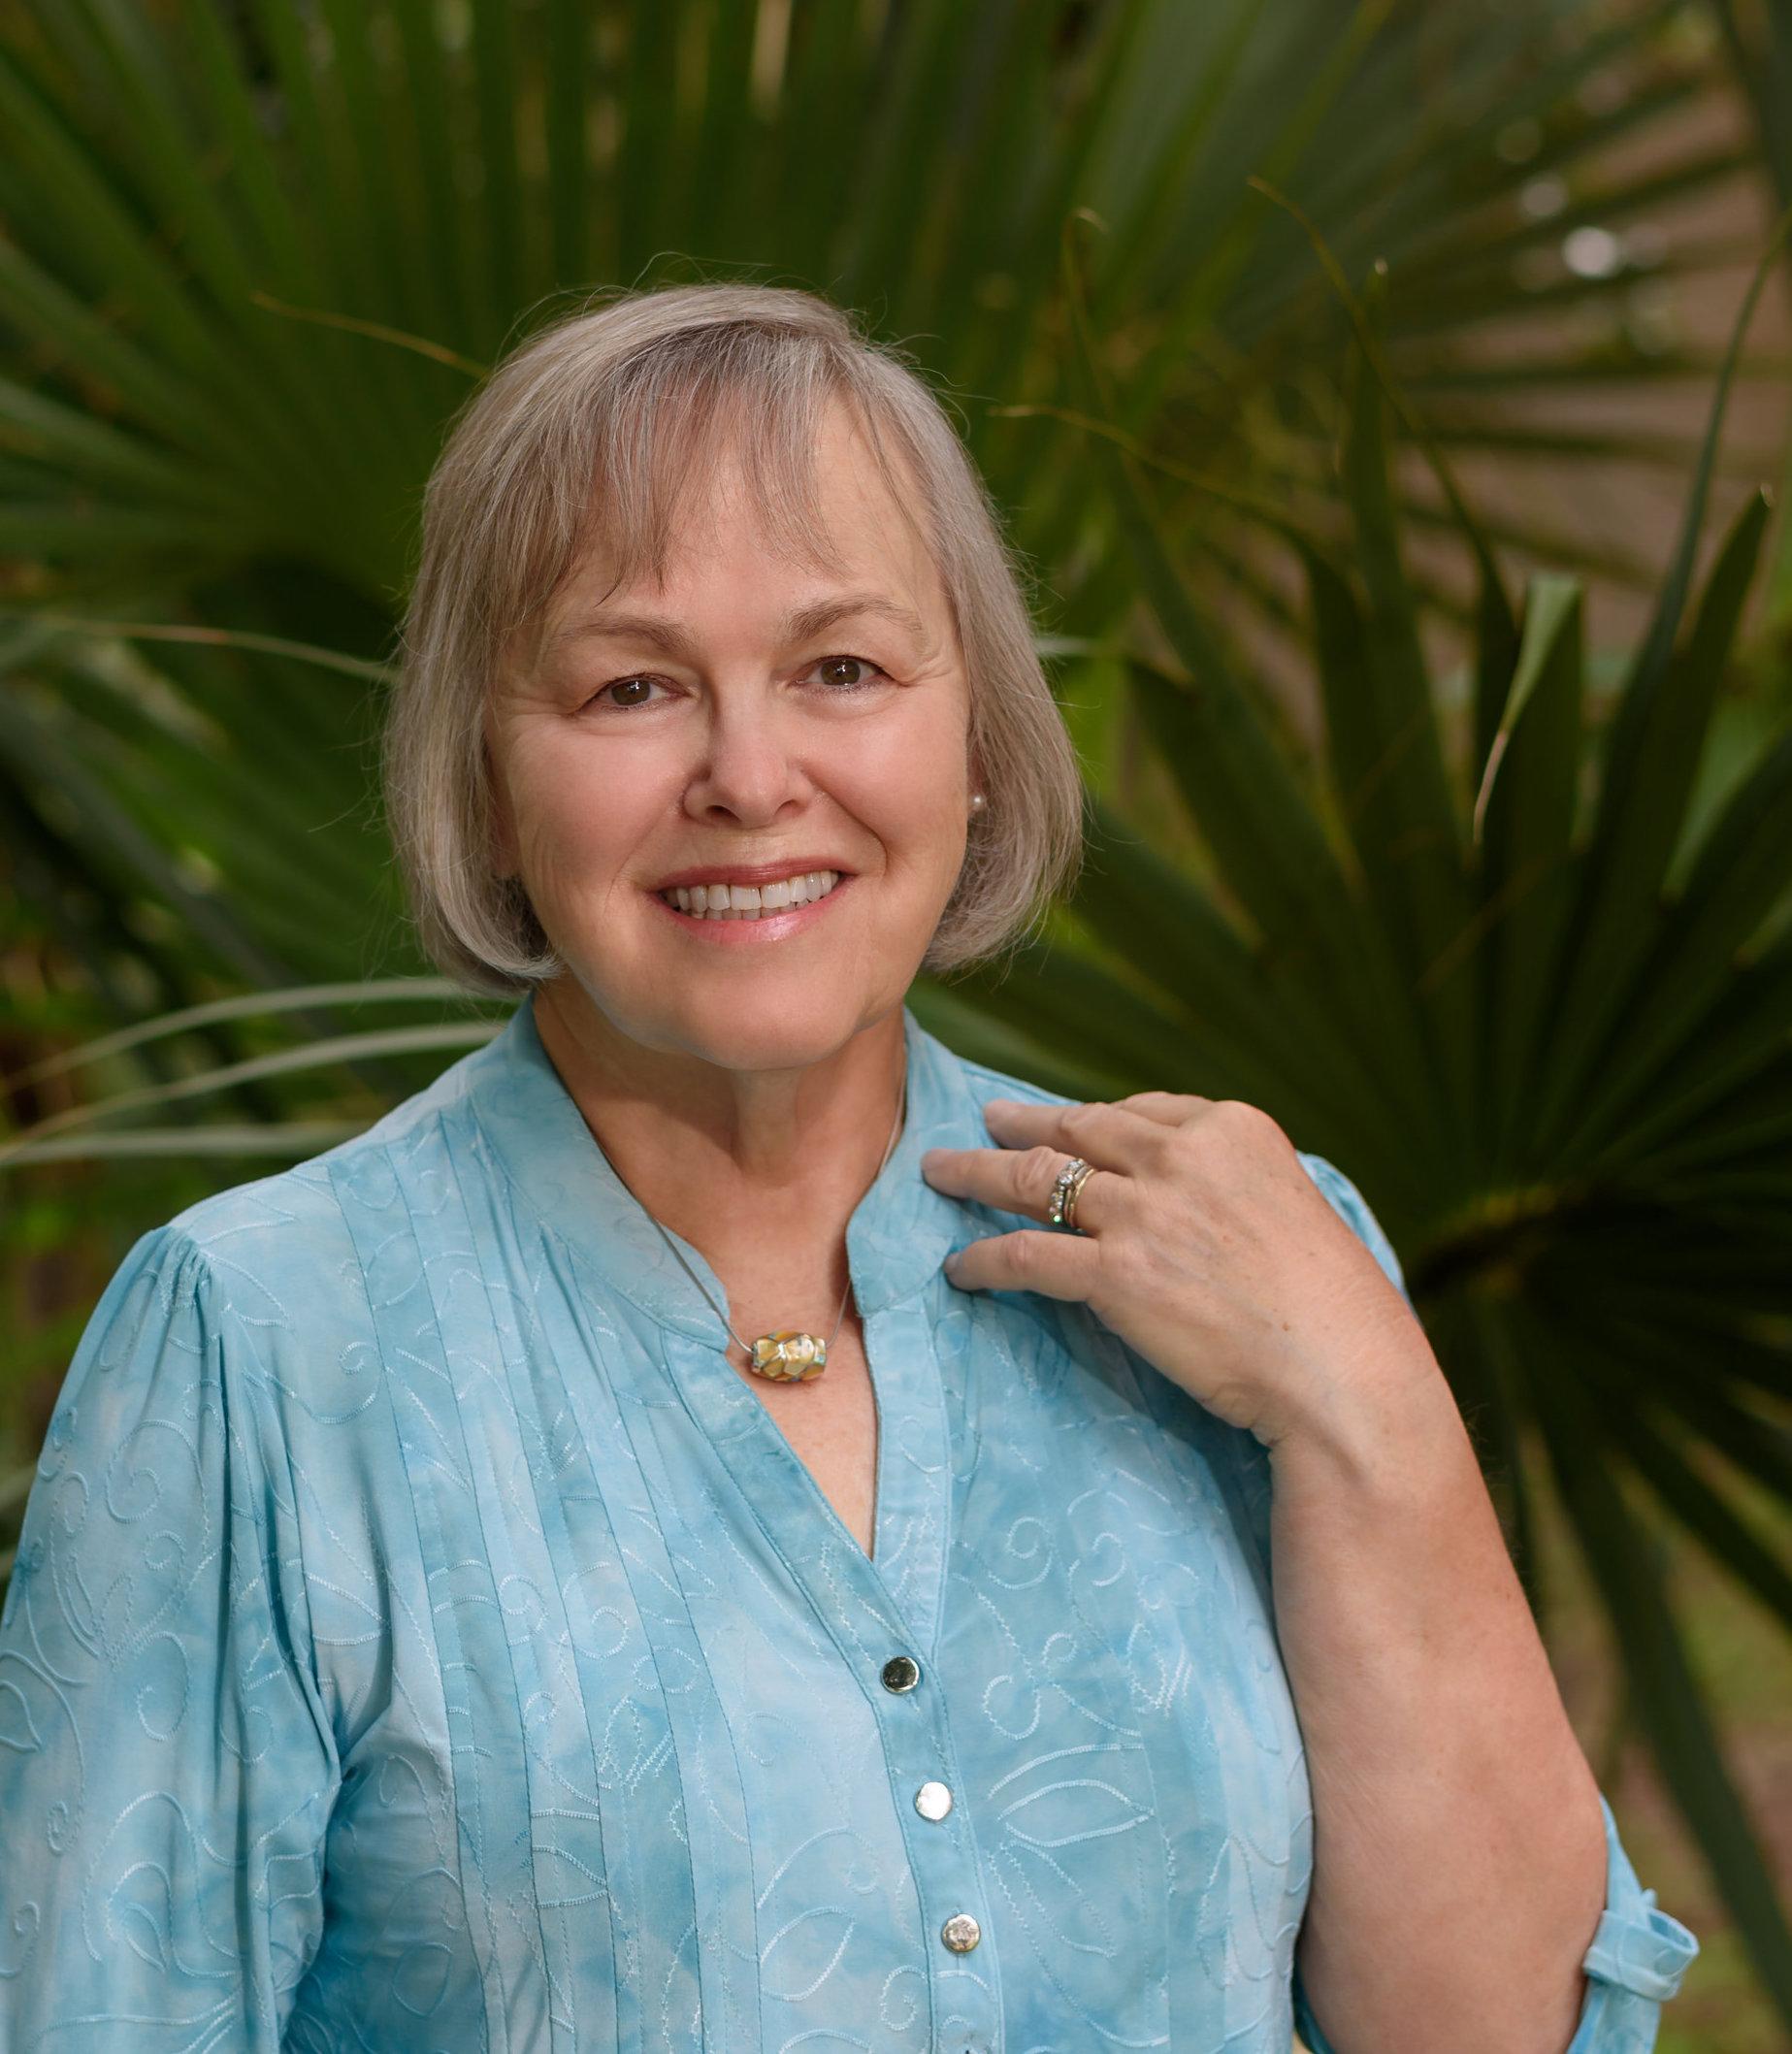 JoAnne Franklin